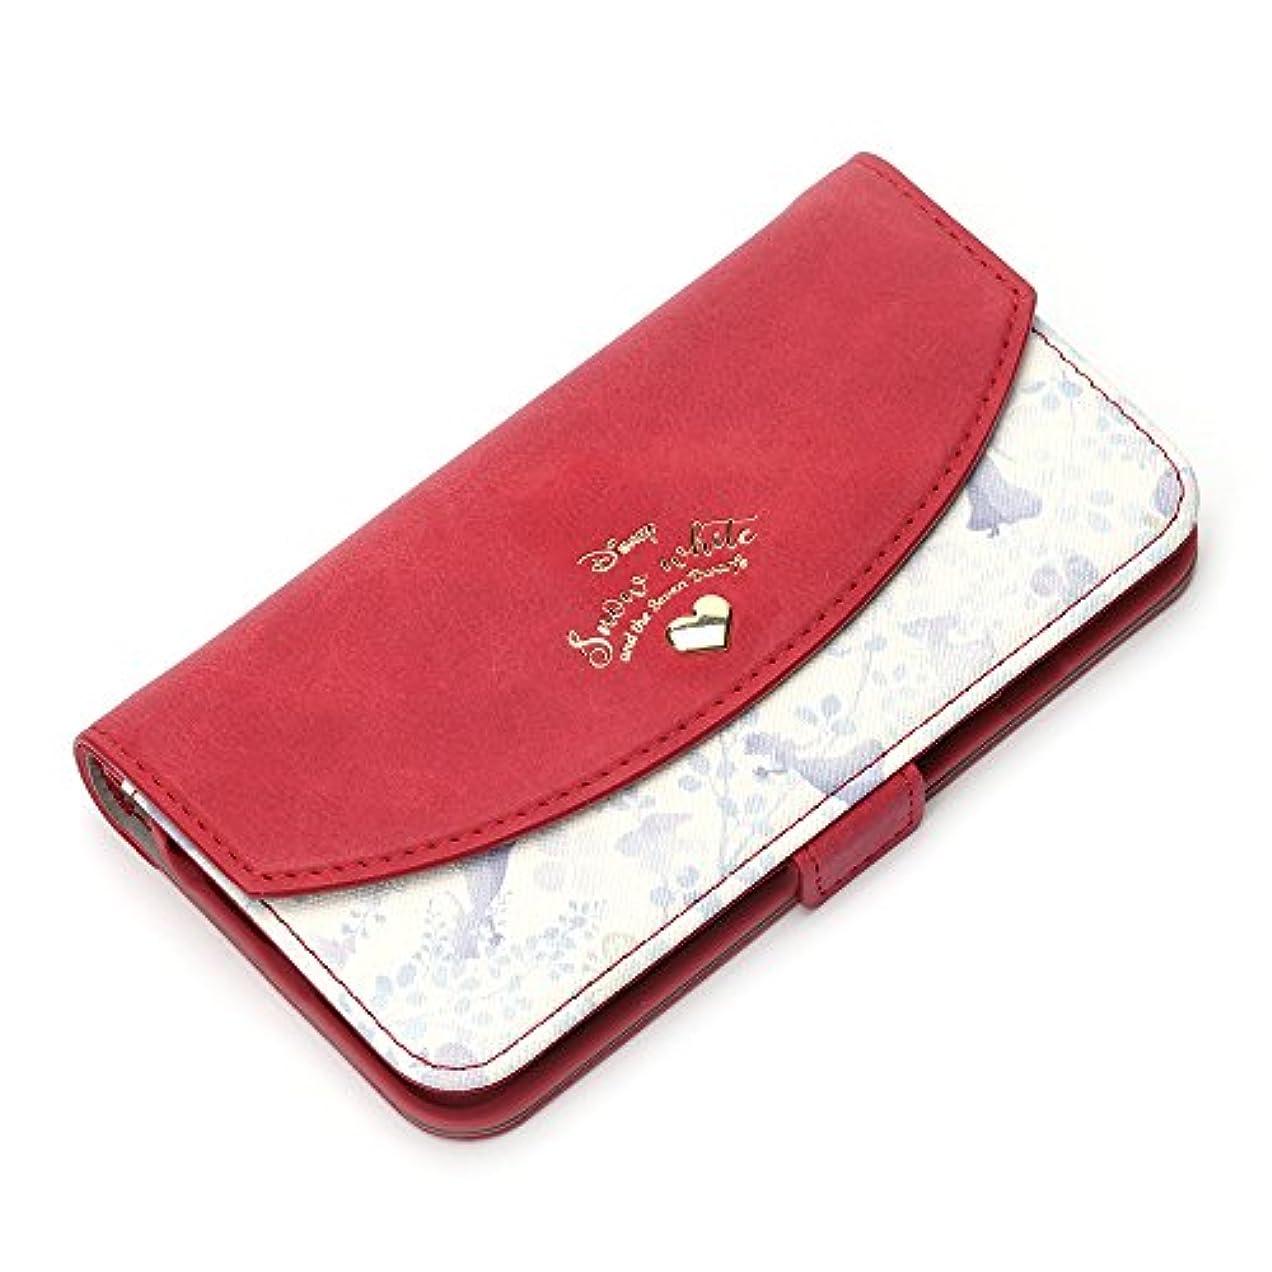 ラジカル慣れるステップPGA iPhone 8/7/6s/6用 Disney series ダブルフリップカバー(白雪姫) PG-DFP393SWH